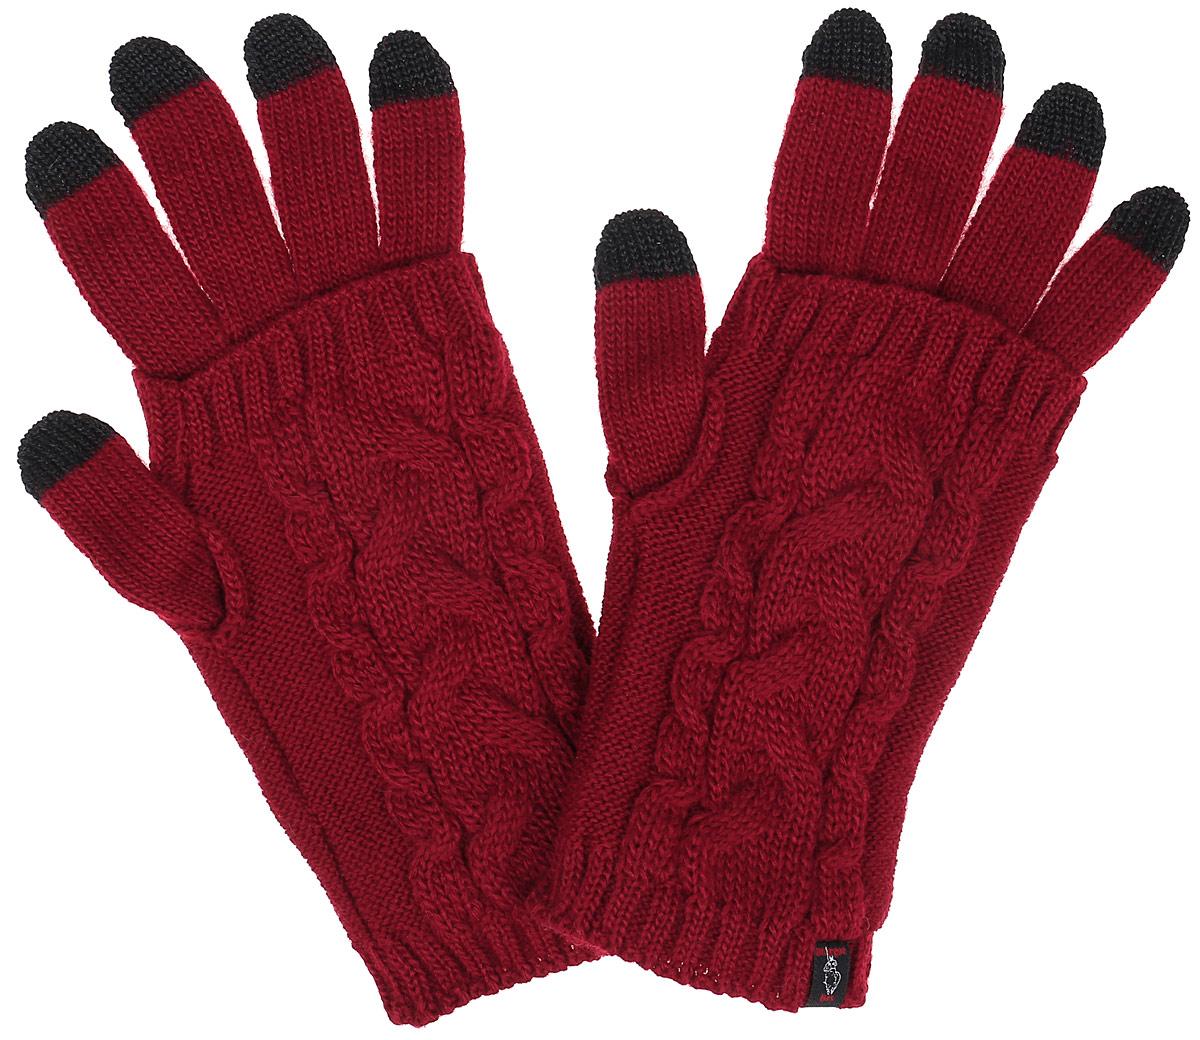 Tangala-22Вязаные перчатки для девочки Margot Bis Tangala идеально подойдут для прогулок в прохладное время года. Изготовленные из 100% акрила, они необычайно мягкие и приятные на ощупь. На пальцах специальные волокна, дающие возможность пользоваться тачскрином смартфона или планшета, находясь в тепле не снимая перчатку. Изделие дополнено широкими эластичными манжетами, не стягивающими запястья и надежно фиксирующими их на ручках ребенка. Манжеты связаны резинкой. Модель дополнена съемными вязаными митенками. Современный дизайн и расцветка делают эти перчатки модным и стильным предметом детского гардероба.